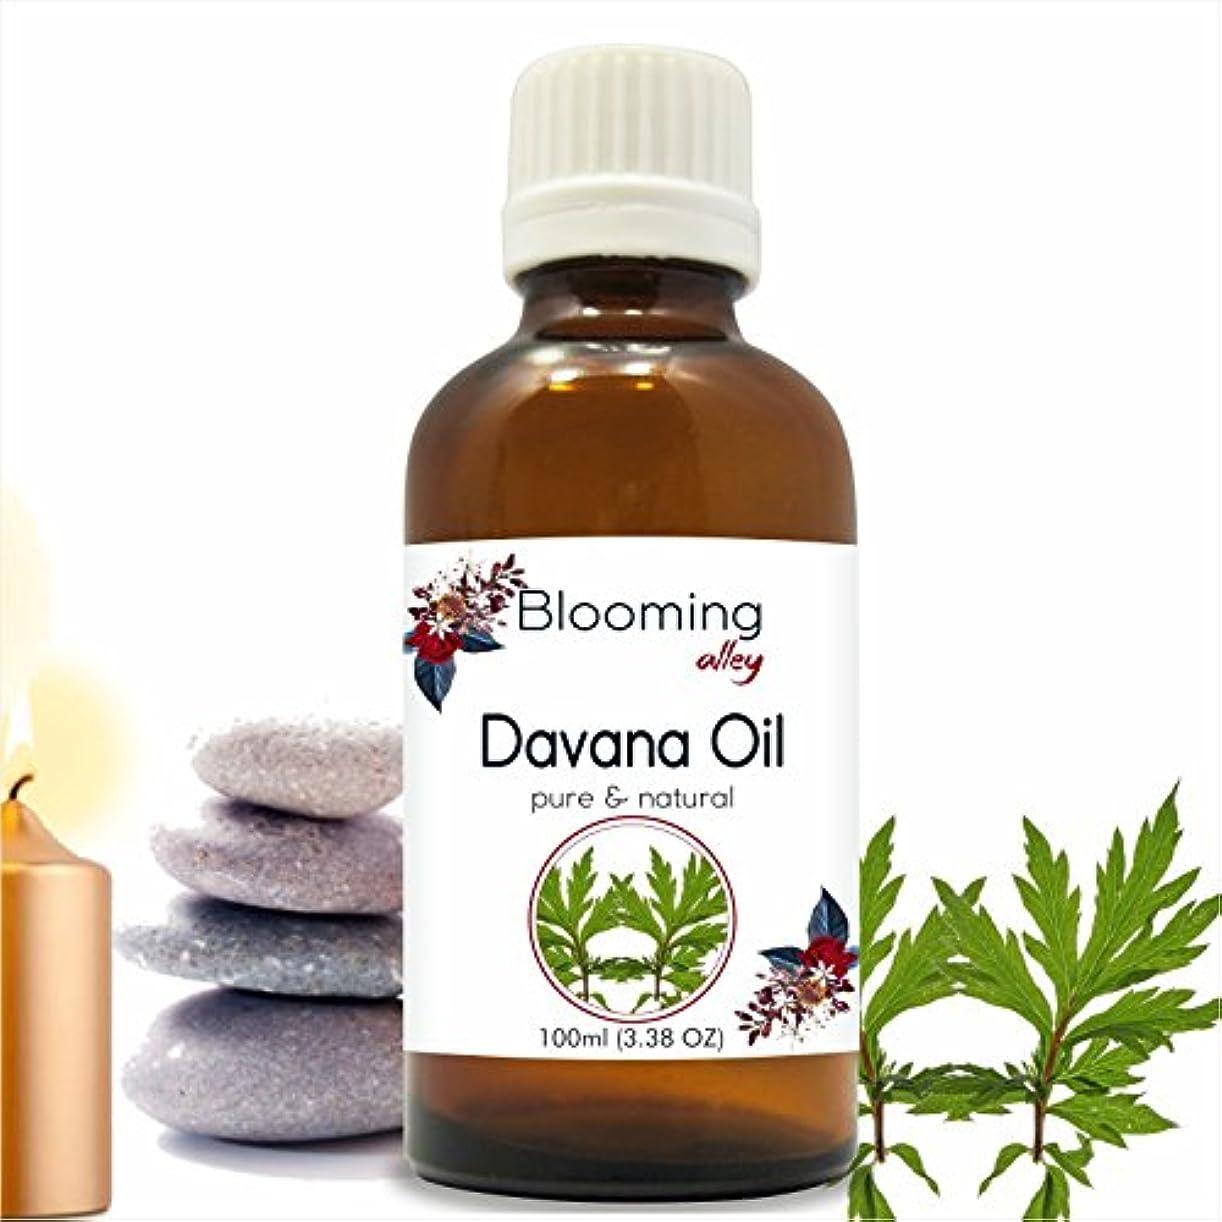 独立して不忠護衛Davana Oil(Artemisia Pallens) Essential Oil 100 ml or 3.38 Fl Oz by Blooming Alley